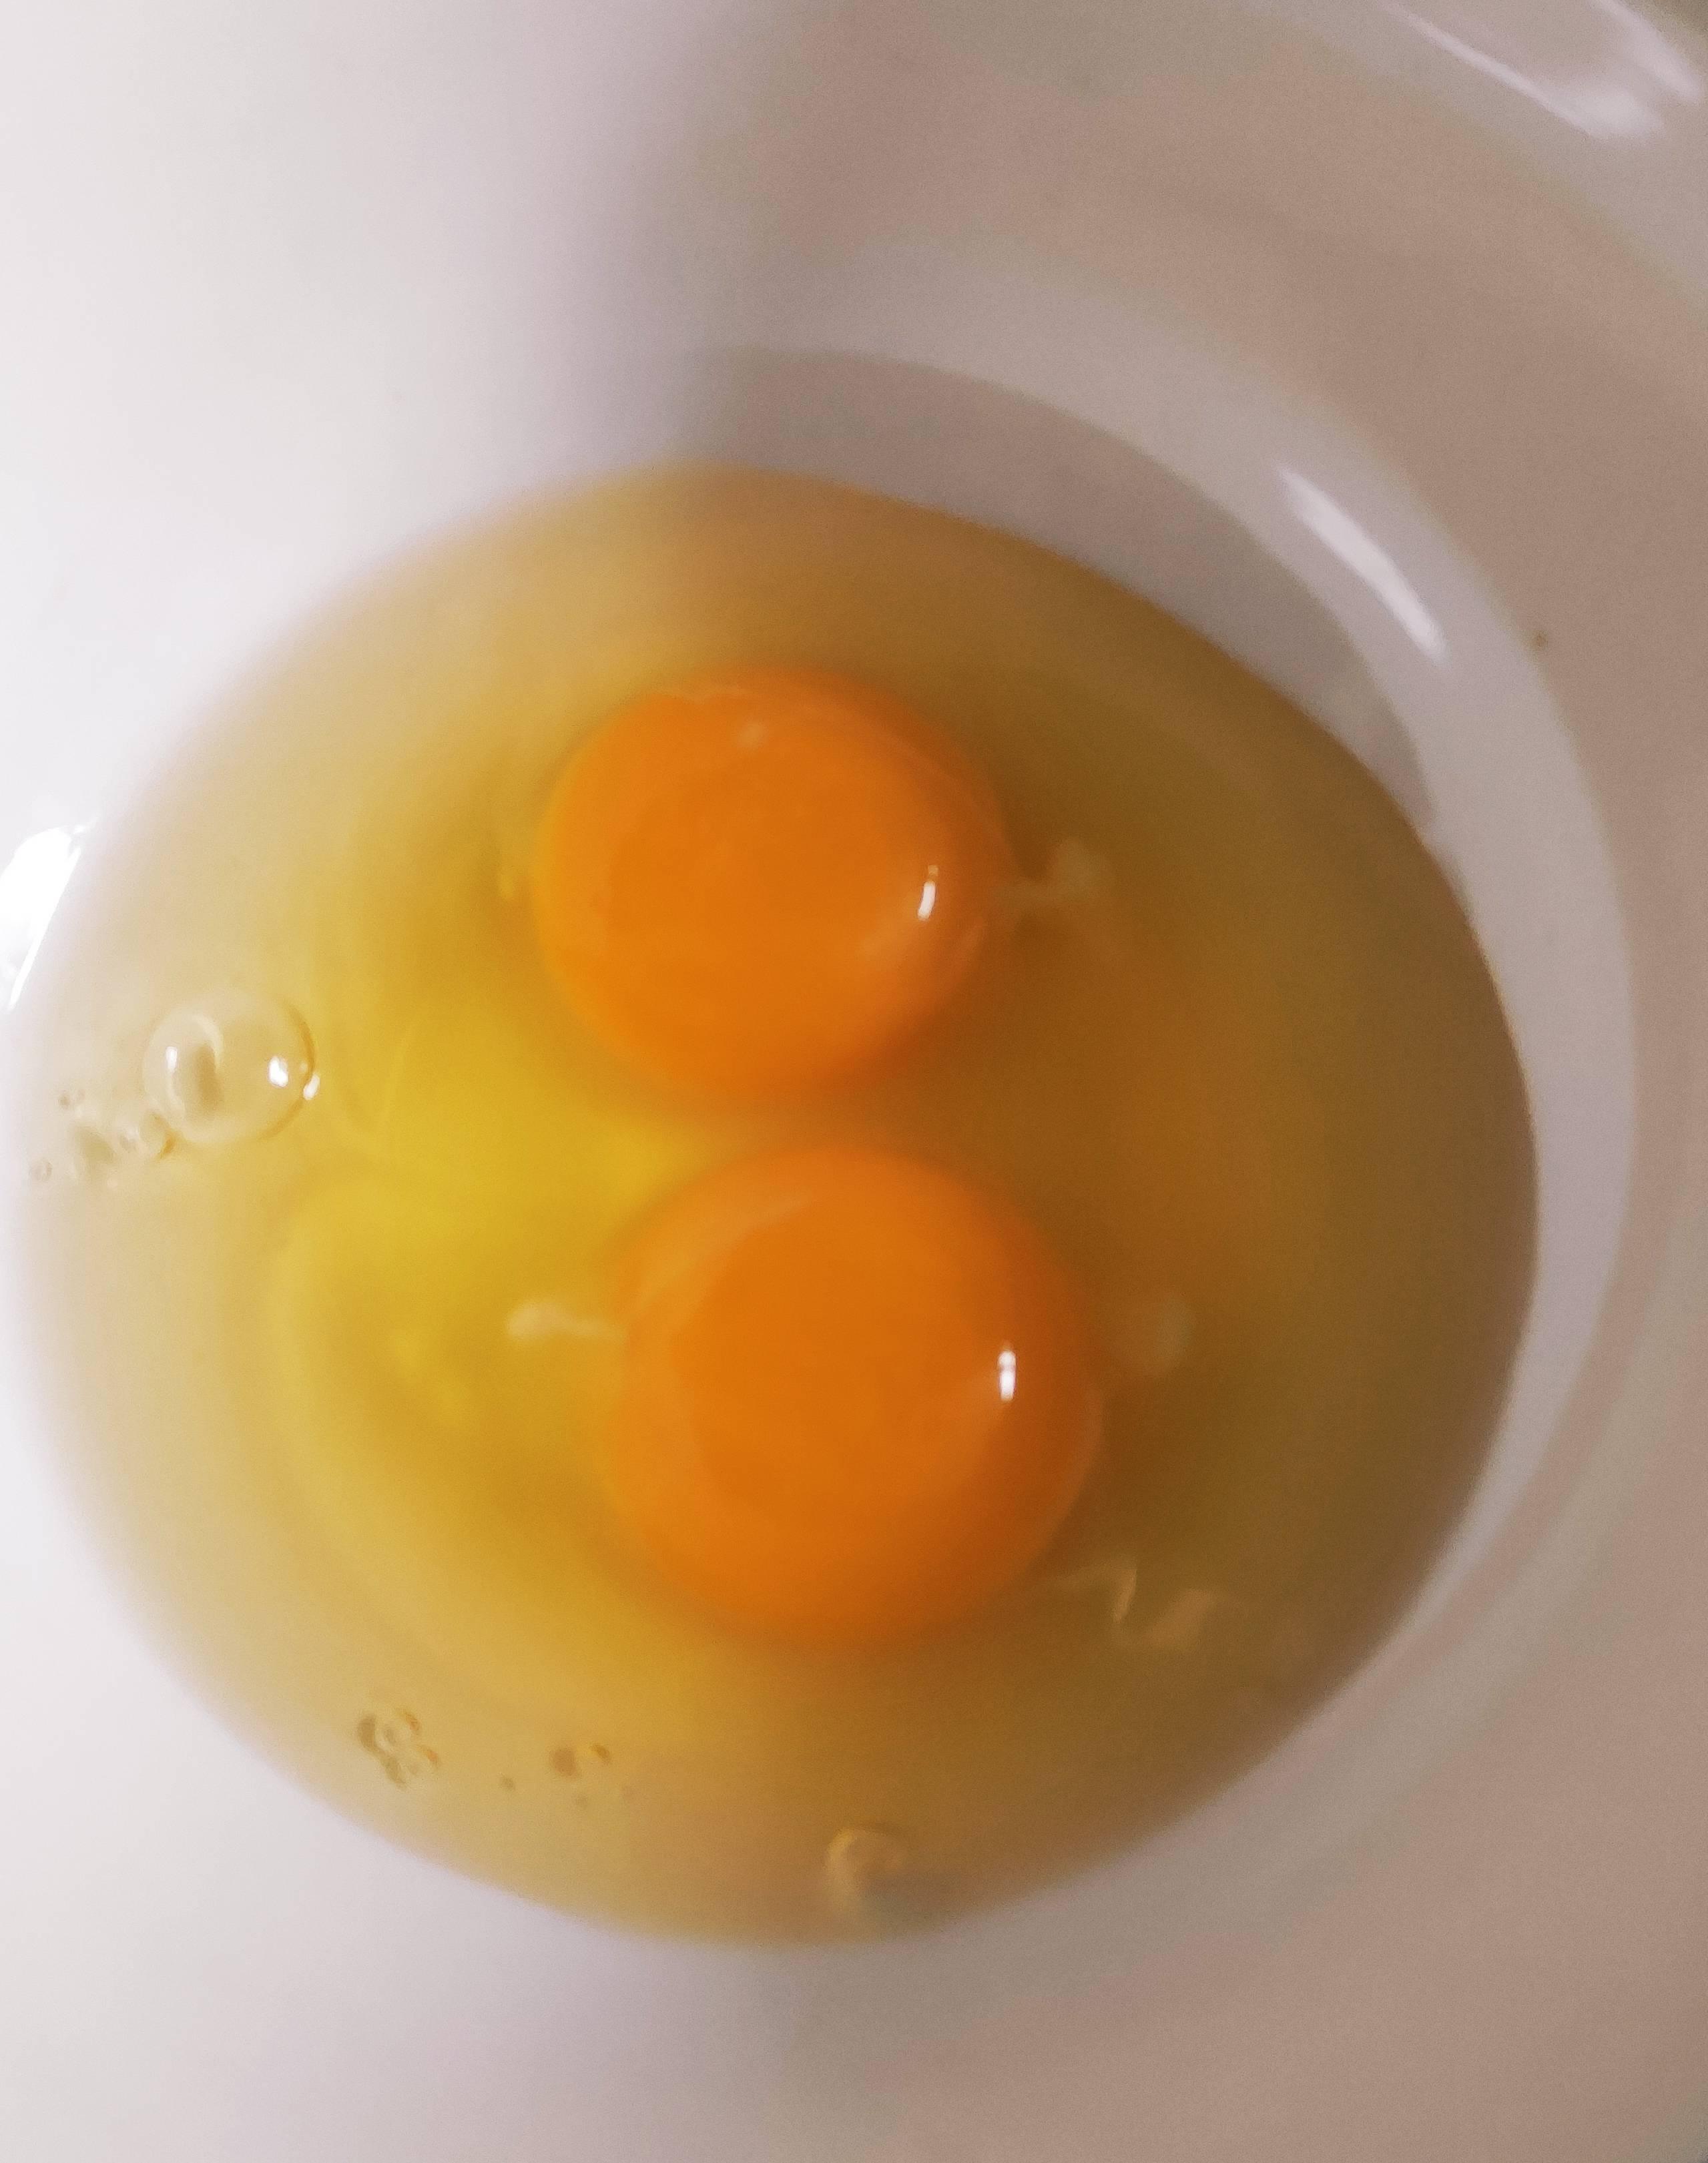 香椿炒鸡蛋,香椿要提前焯水后再炒鸡蛋味道更好怎么吃